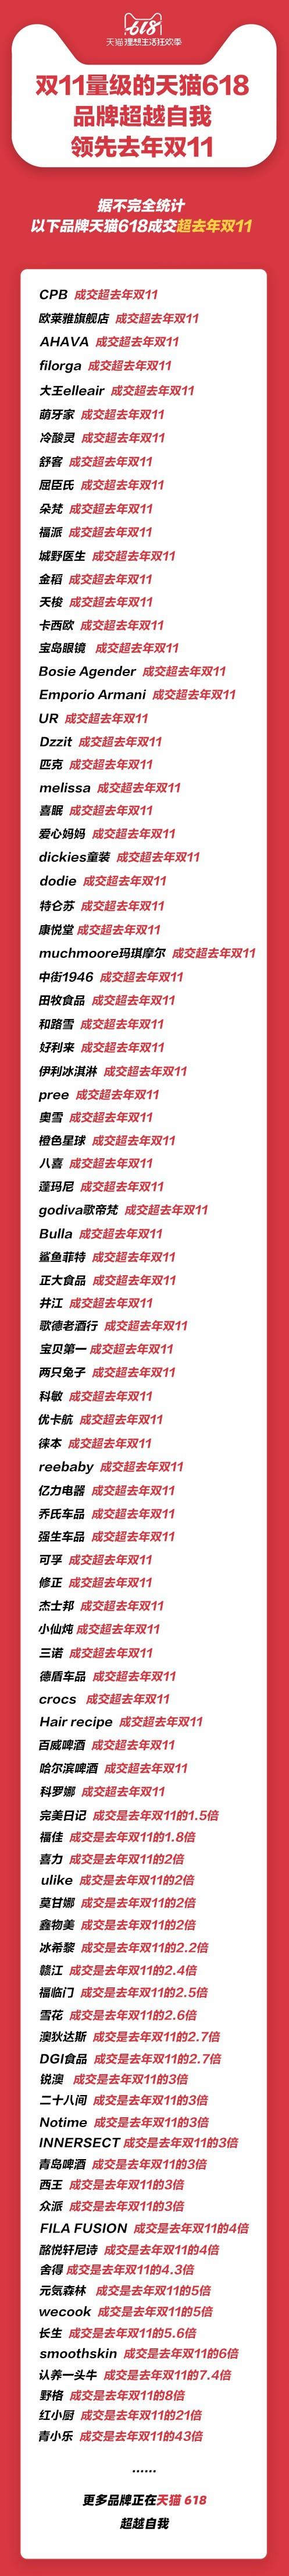 2019年淘寶天貓618 - 天貓平台上成交量超過去年雙11品牌名單。